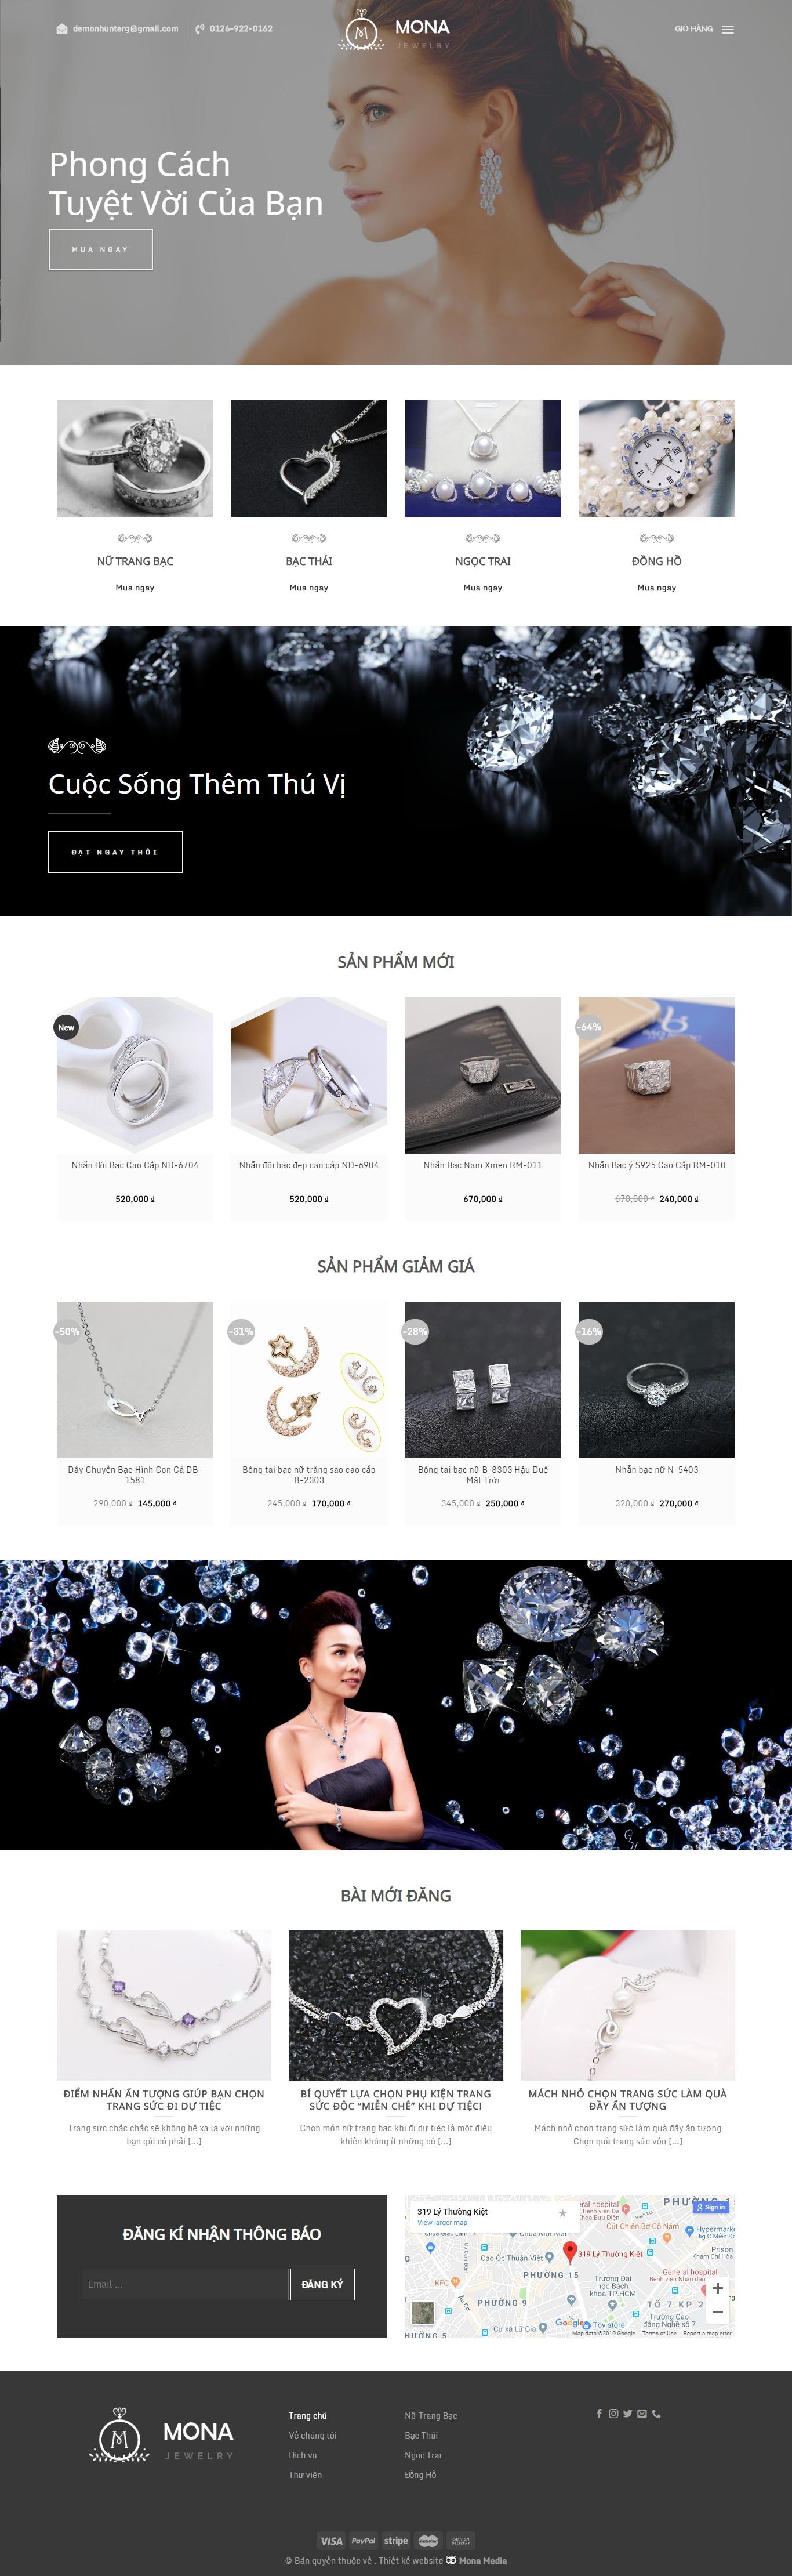 Mẫu website bán trang sức bạc.